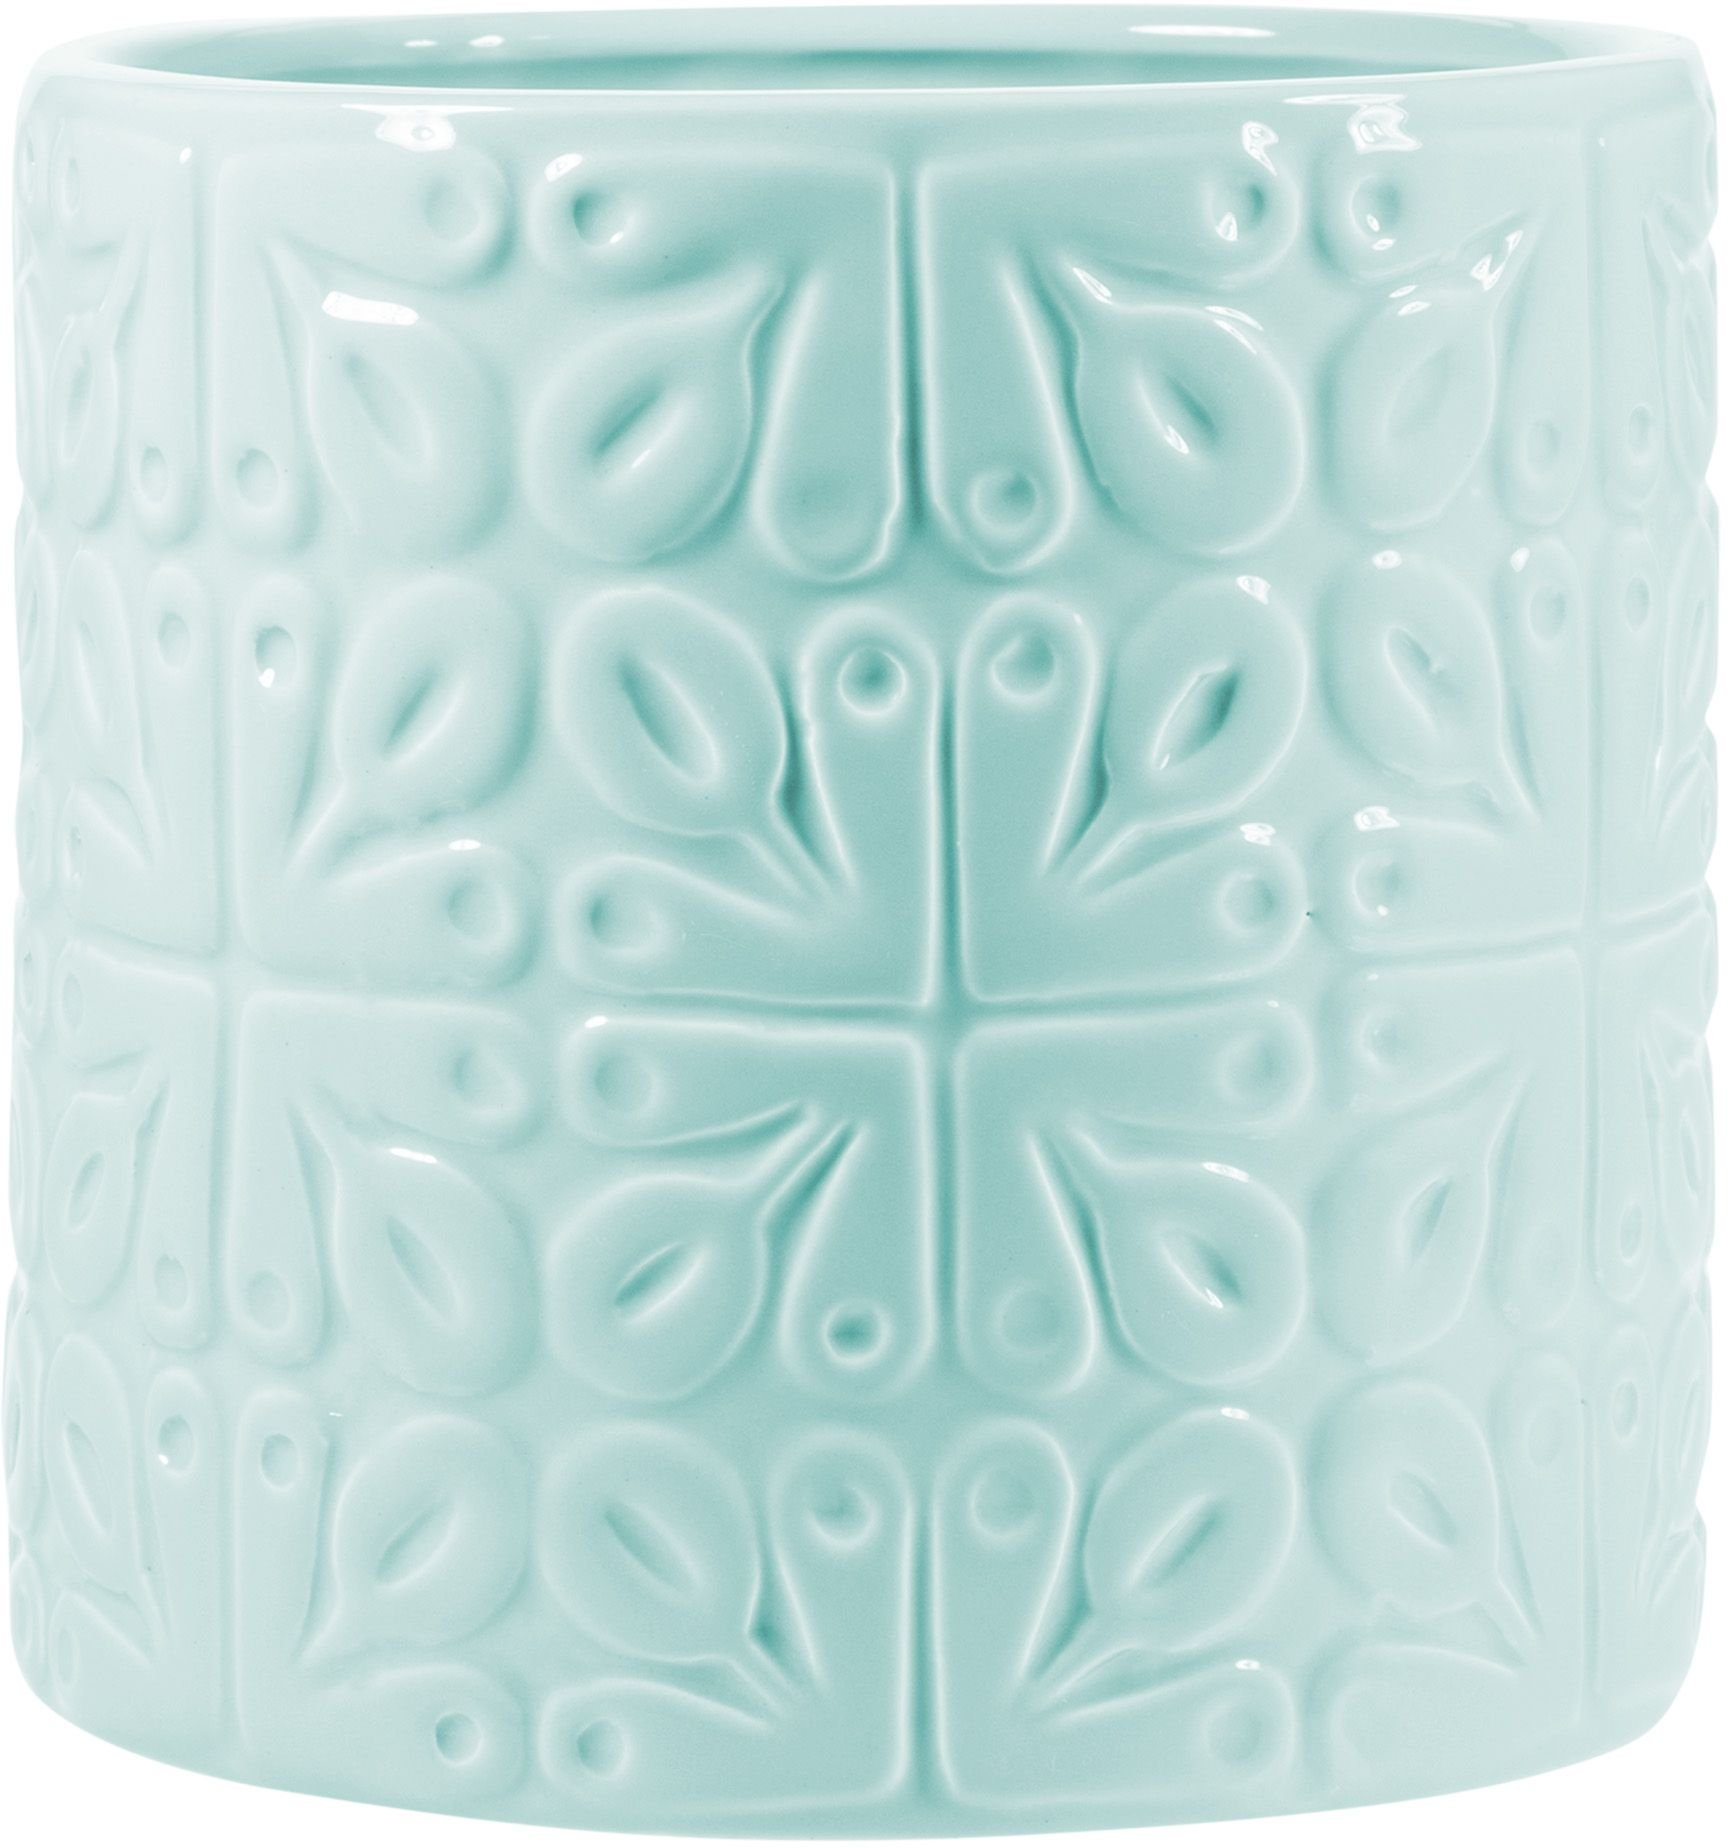 Nautical Pastel Ceramic Utensil Container- Utensil Crock with Coastal Accents